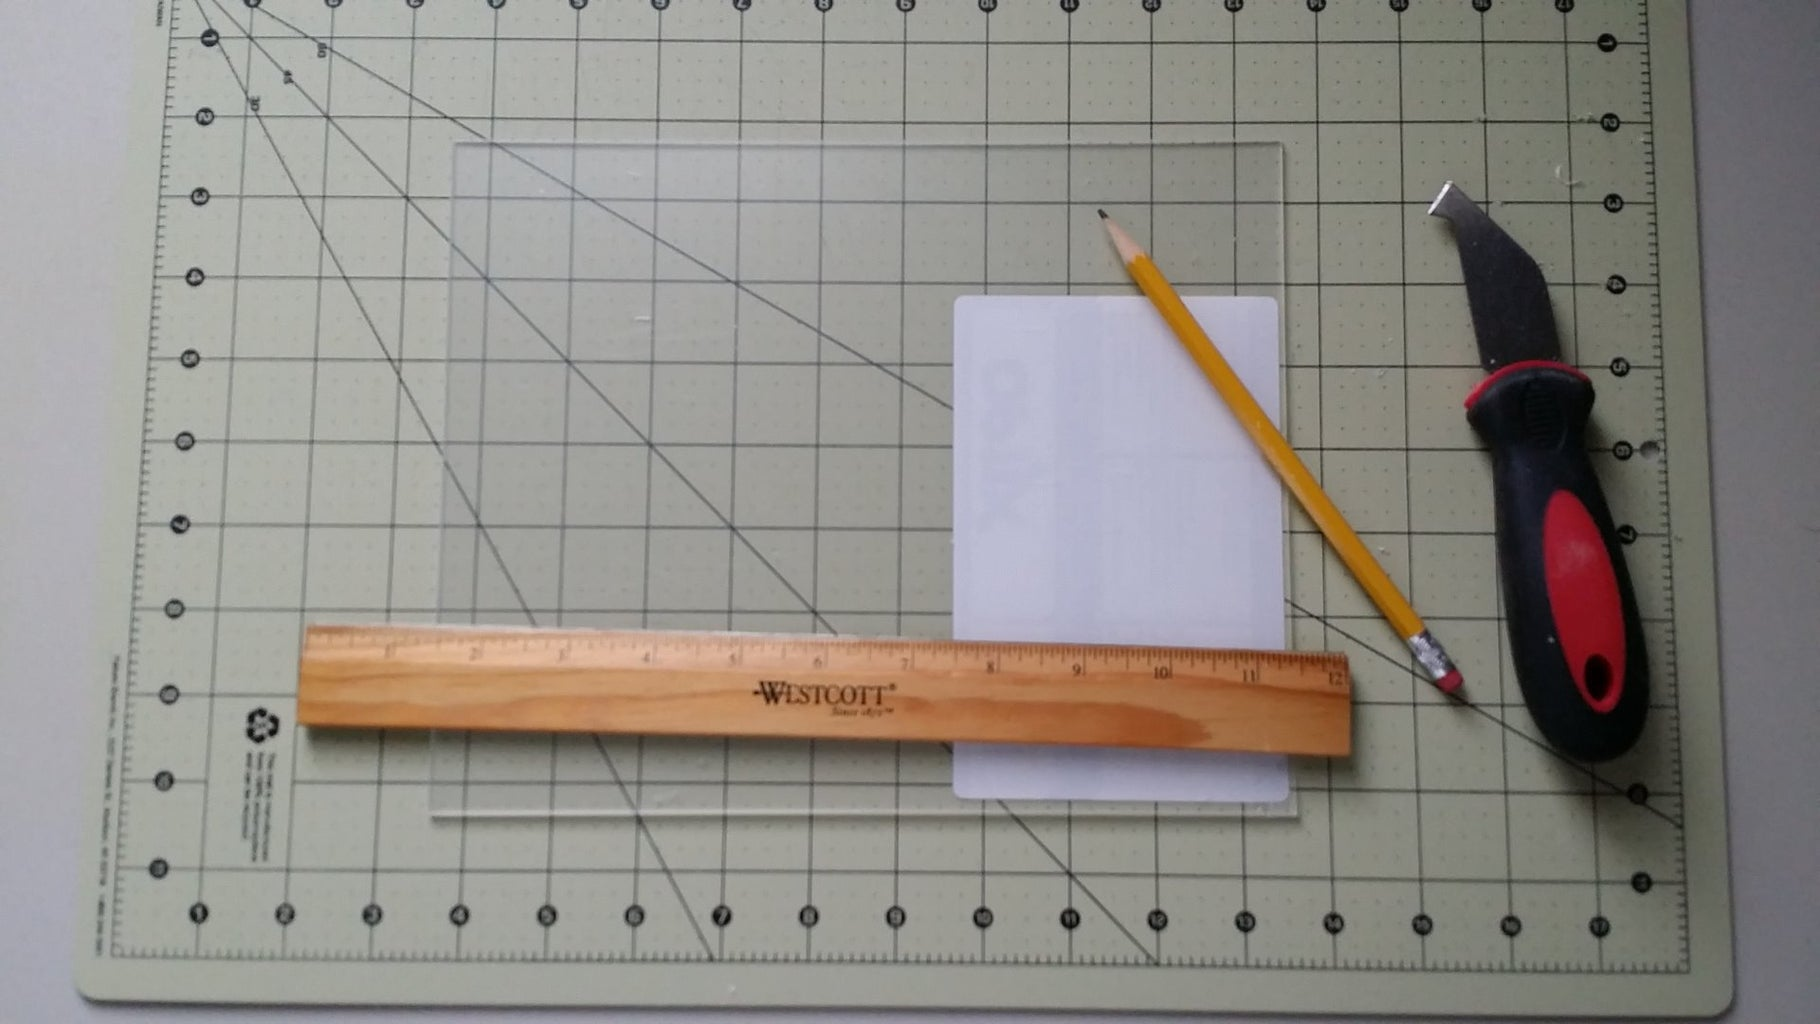 Measuring Desired Sizes